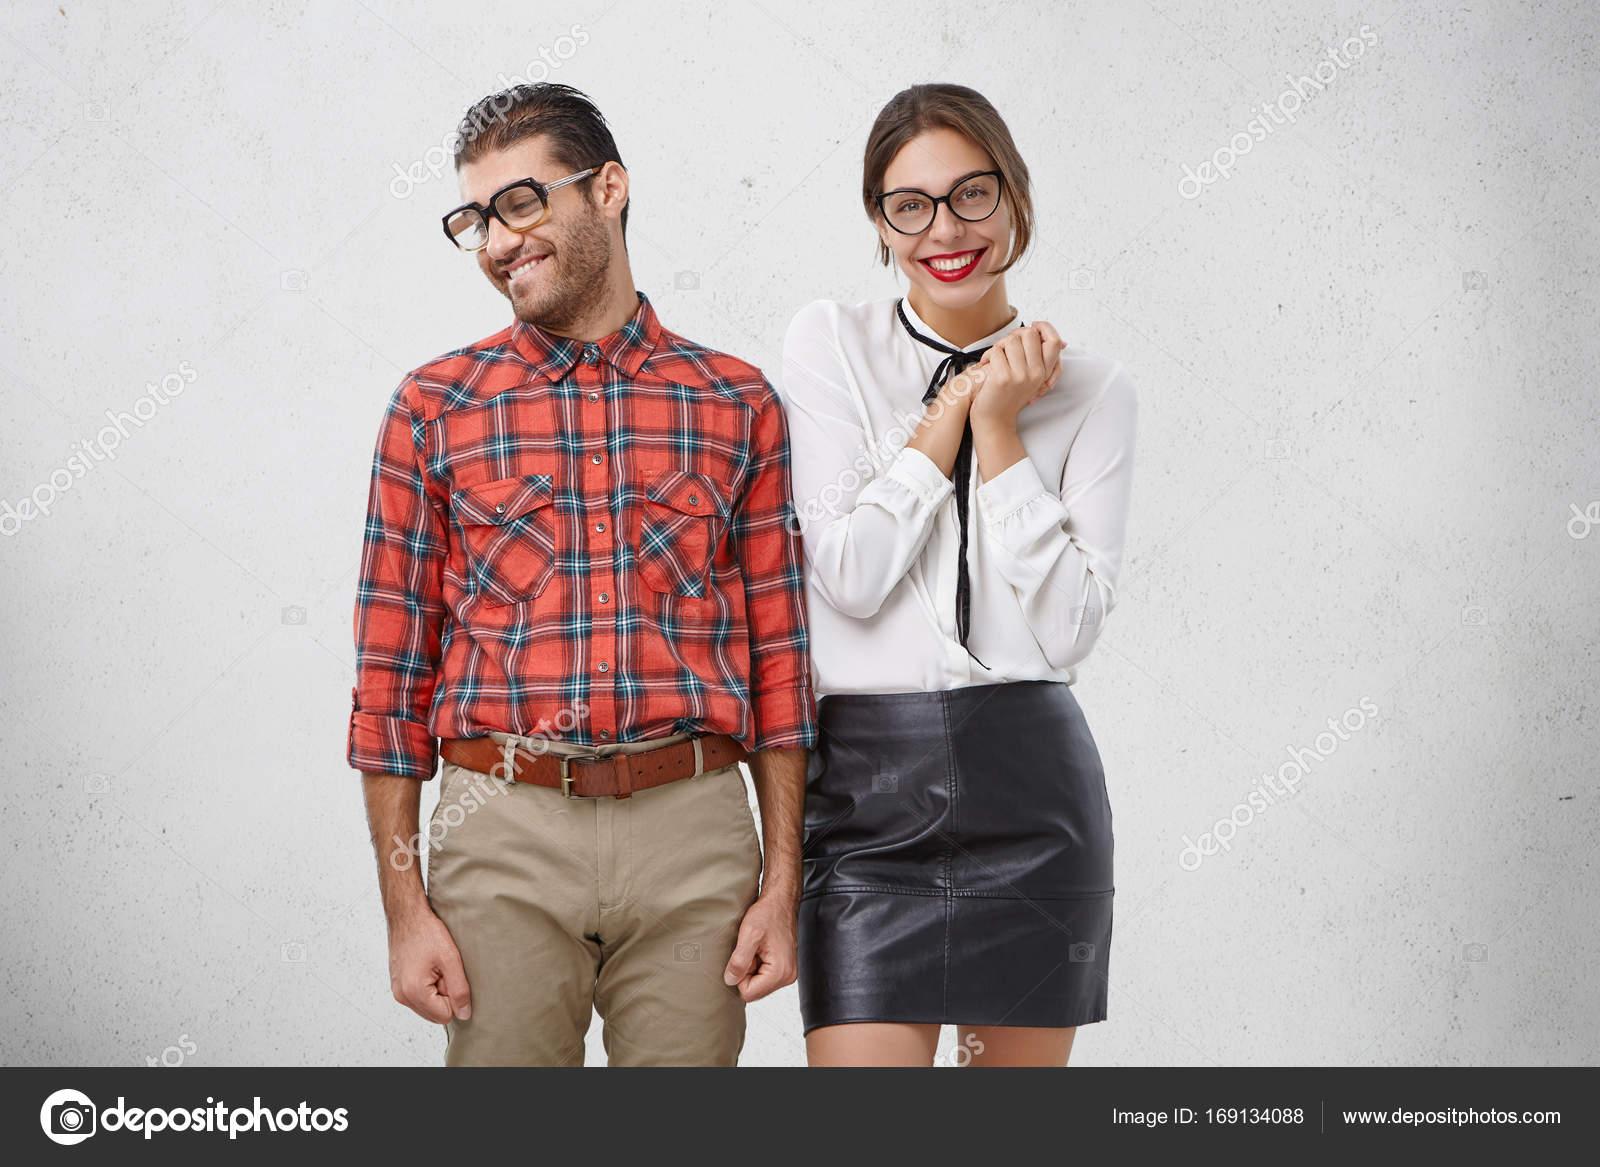 how Heiße Frauen lecken sich gegenseitig time consuming i'm